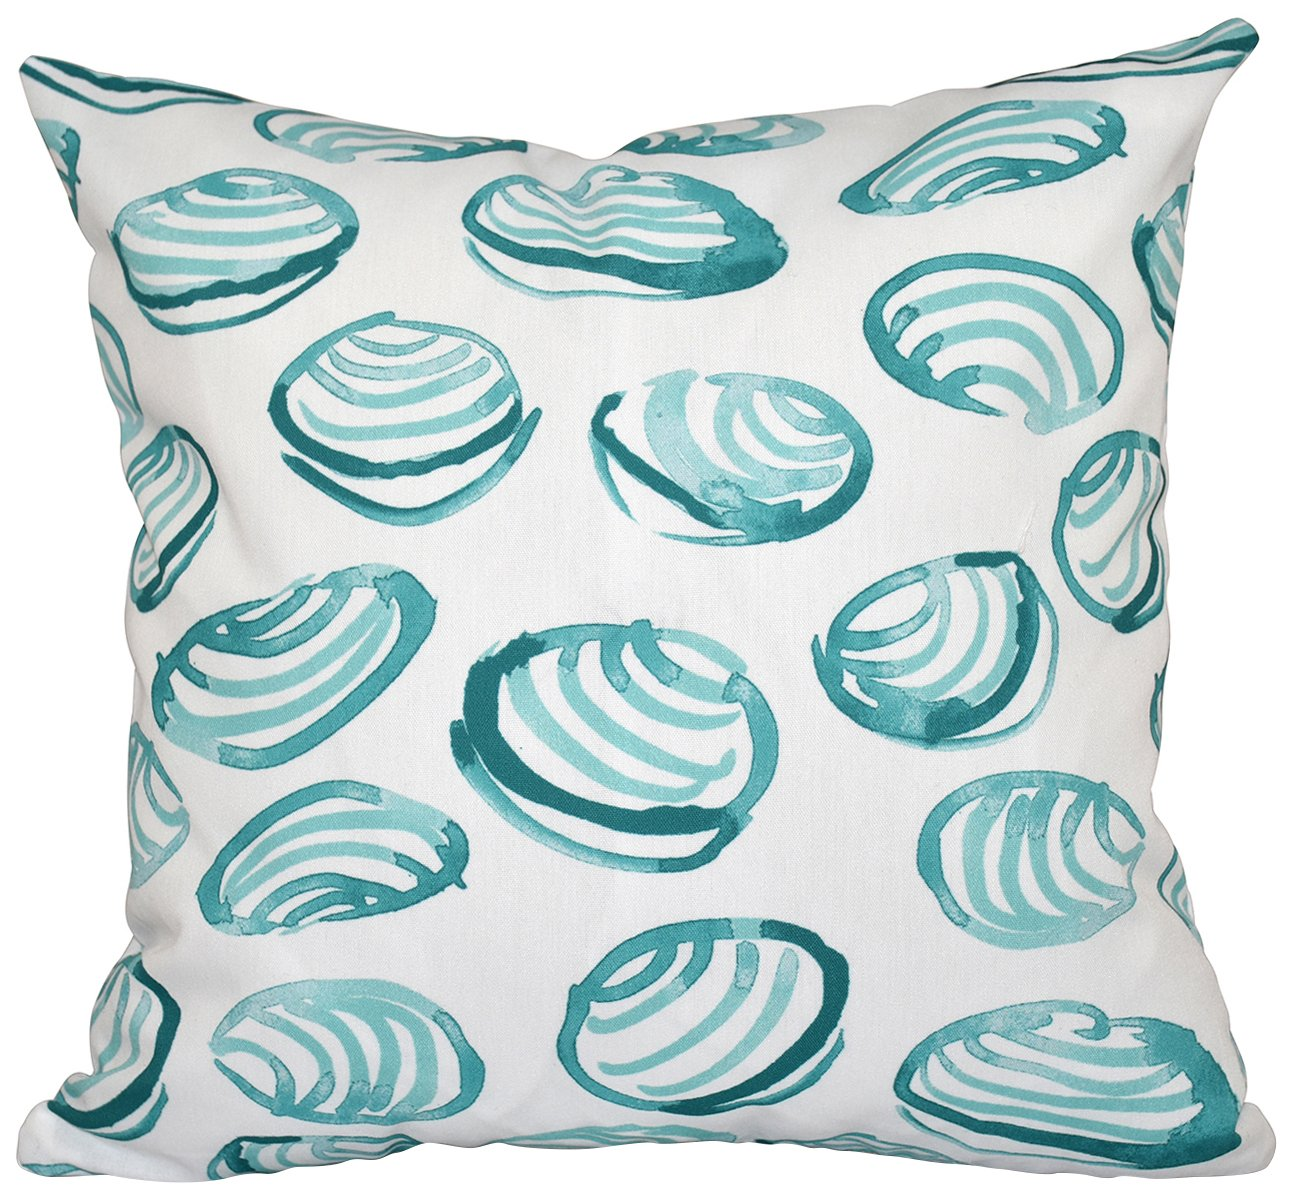 E by design O5PGN472BL3-20 Printed Outdoor Pillow